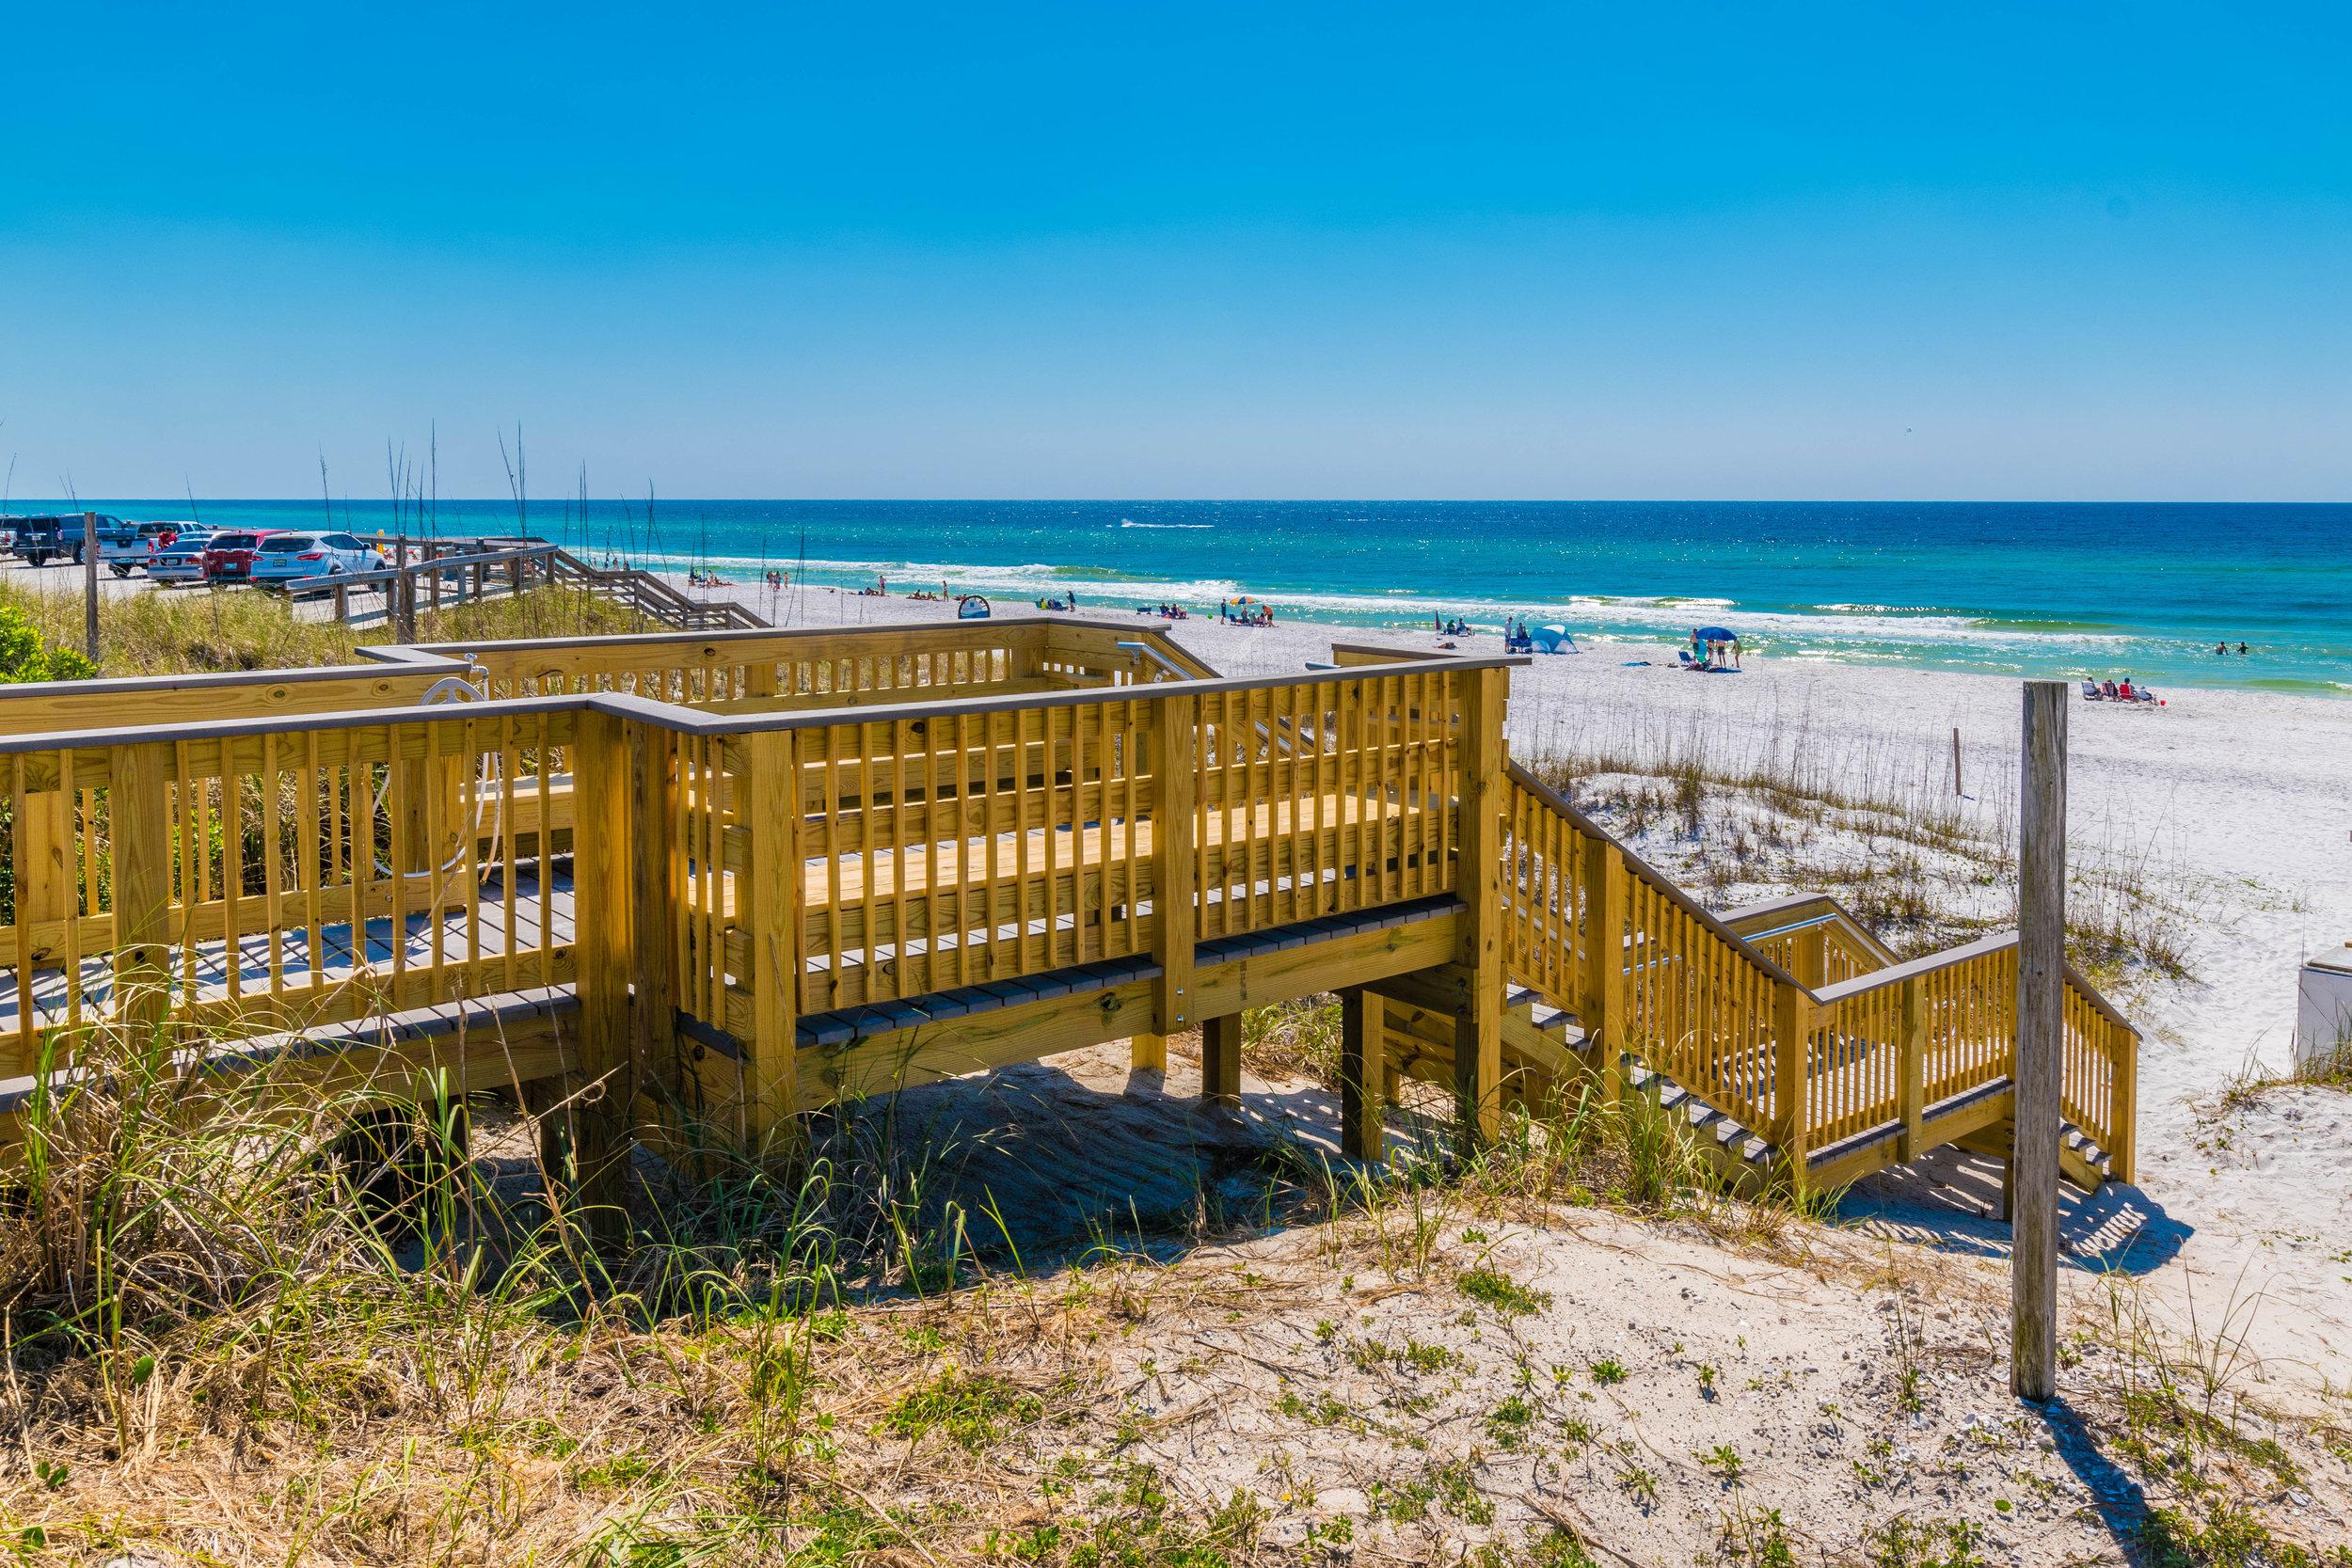 Boardwalk Company